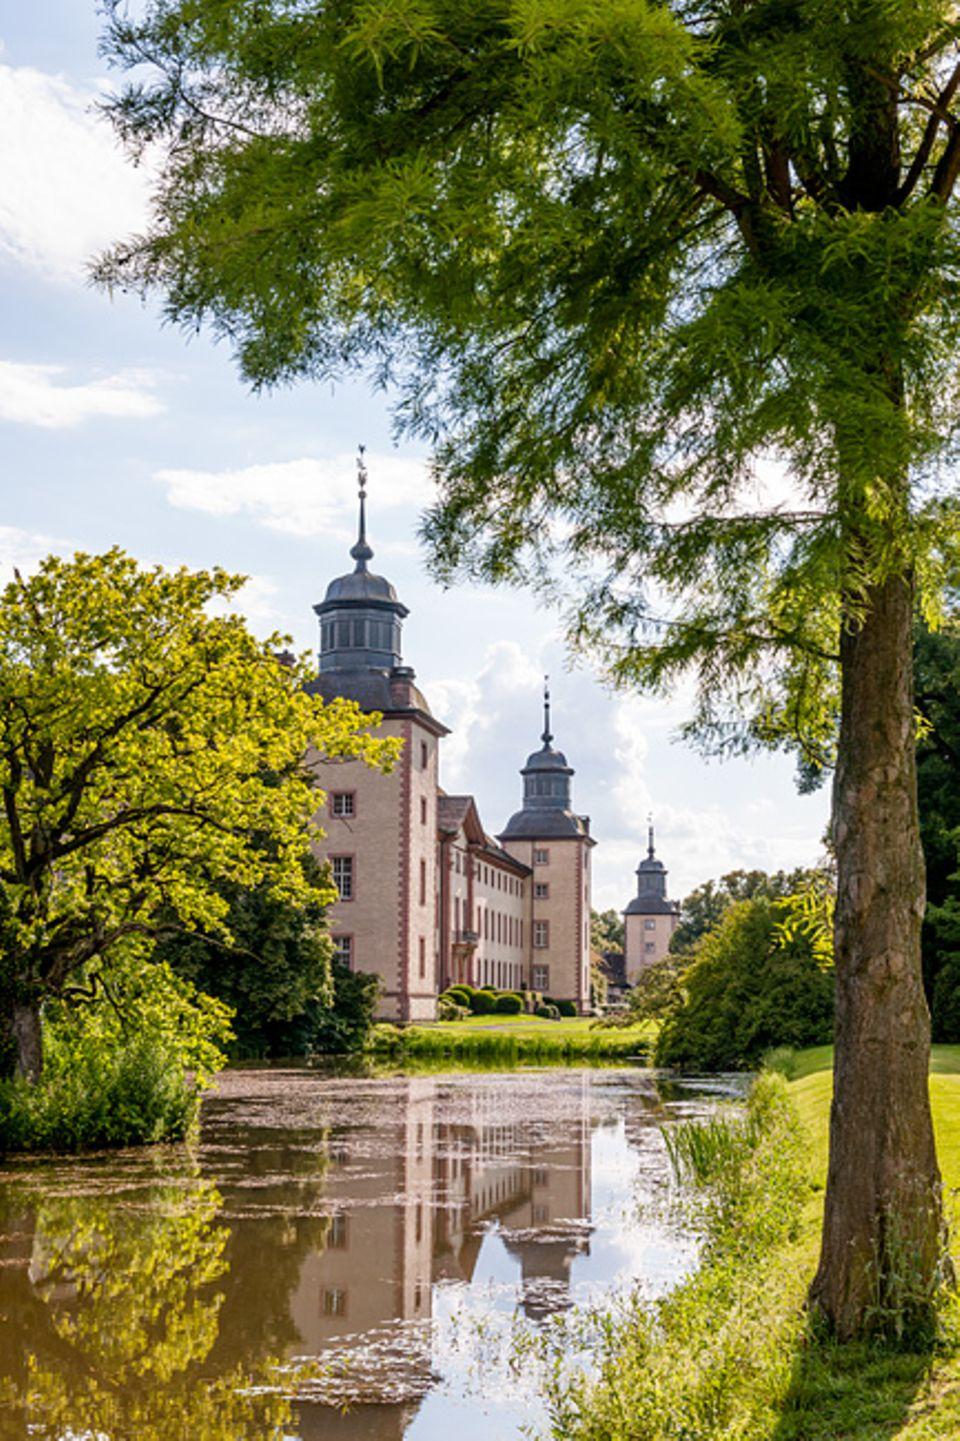 """Deutschland neu entdecken: Das Barockschloss Corvey ist UNESCO Welterbe und eine Austragungsstätte beim Literaturfestival """"Wege durch das Land"""""""